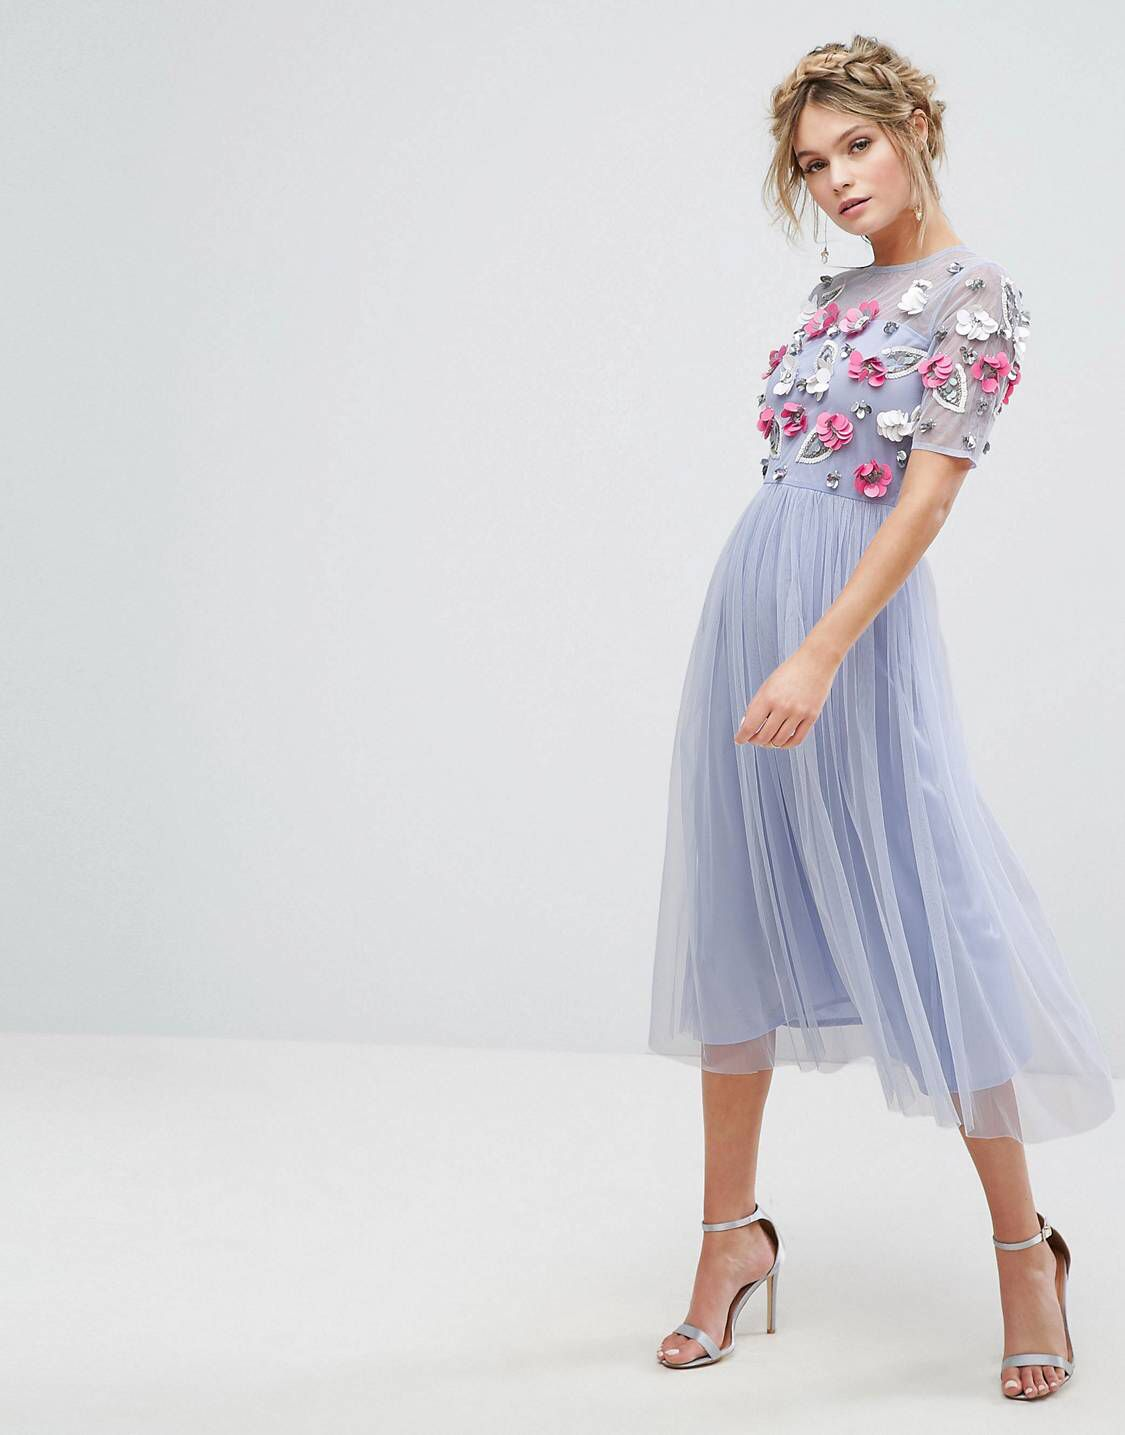 Schmuck zu paillettenkleid